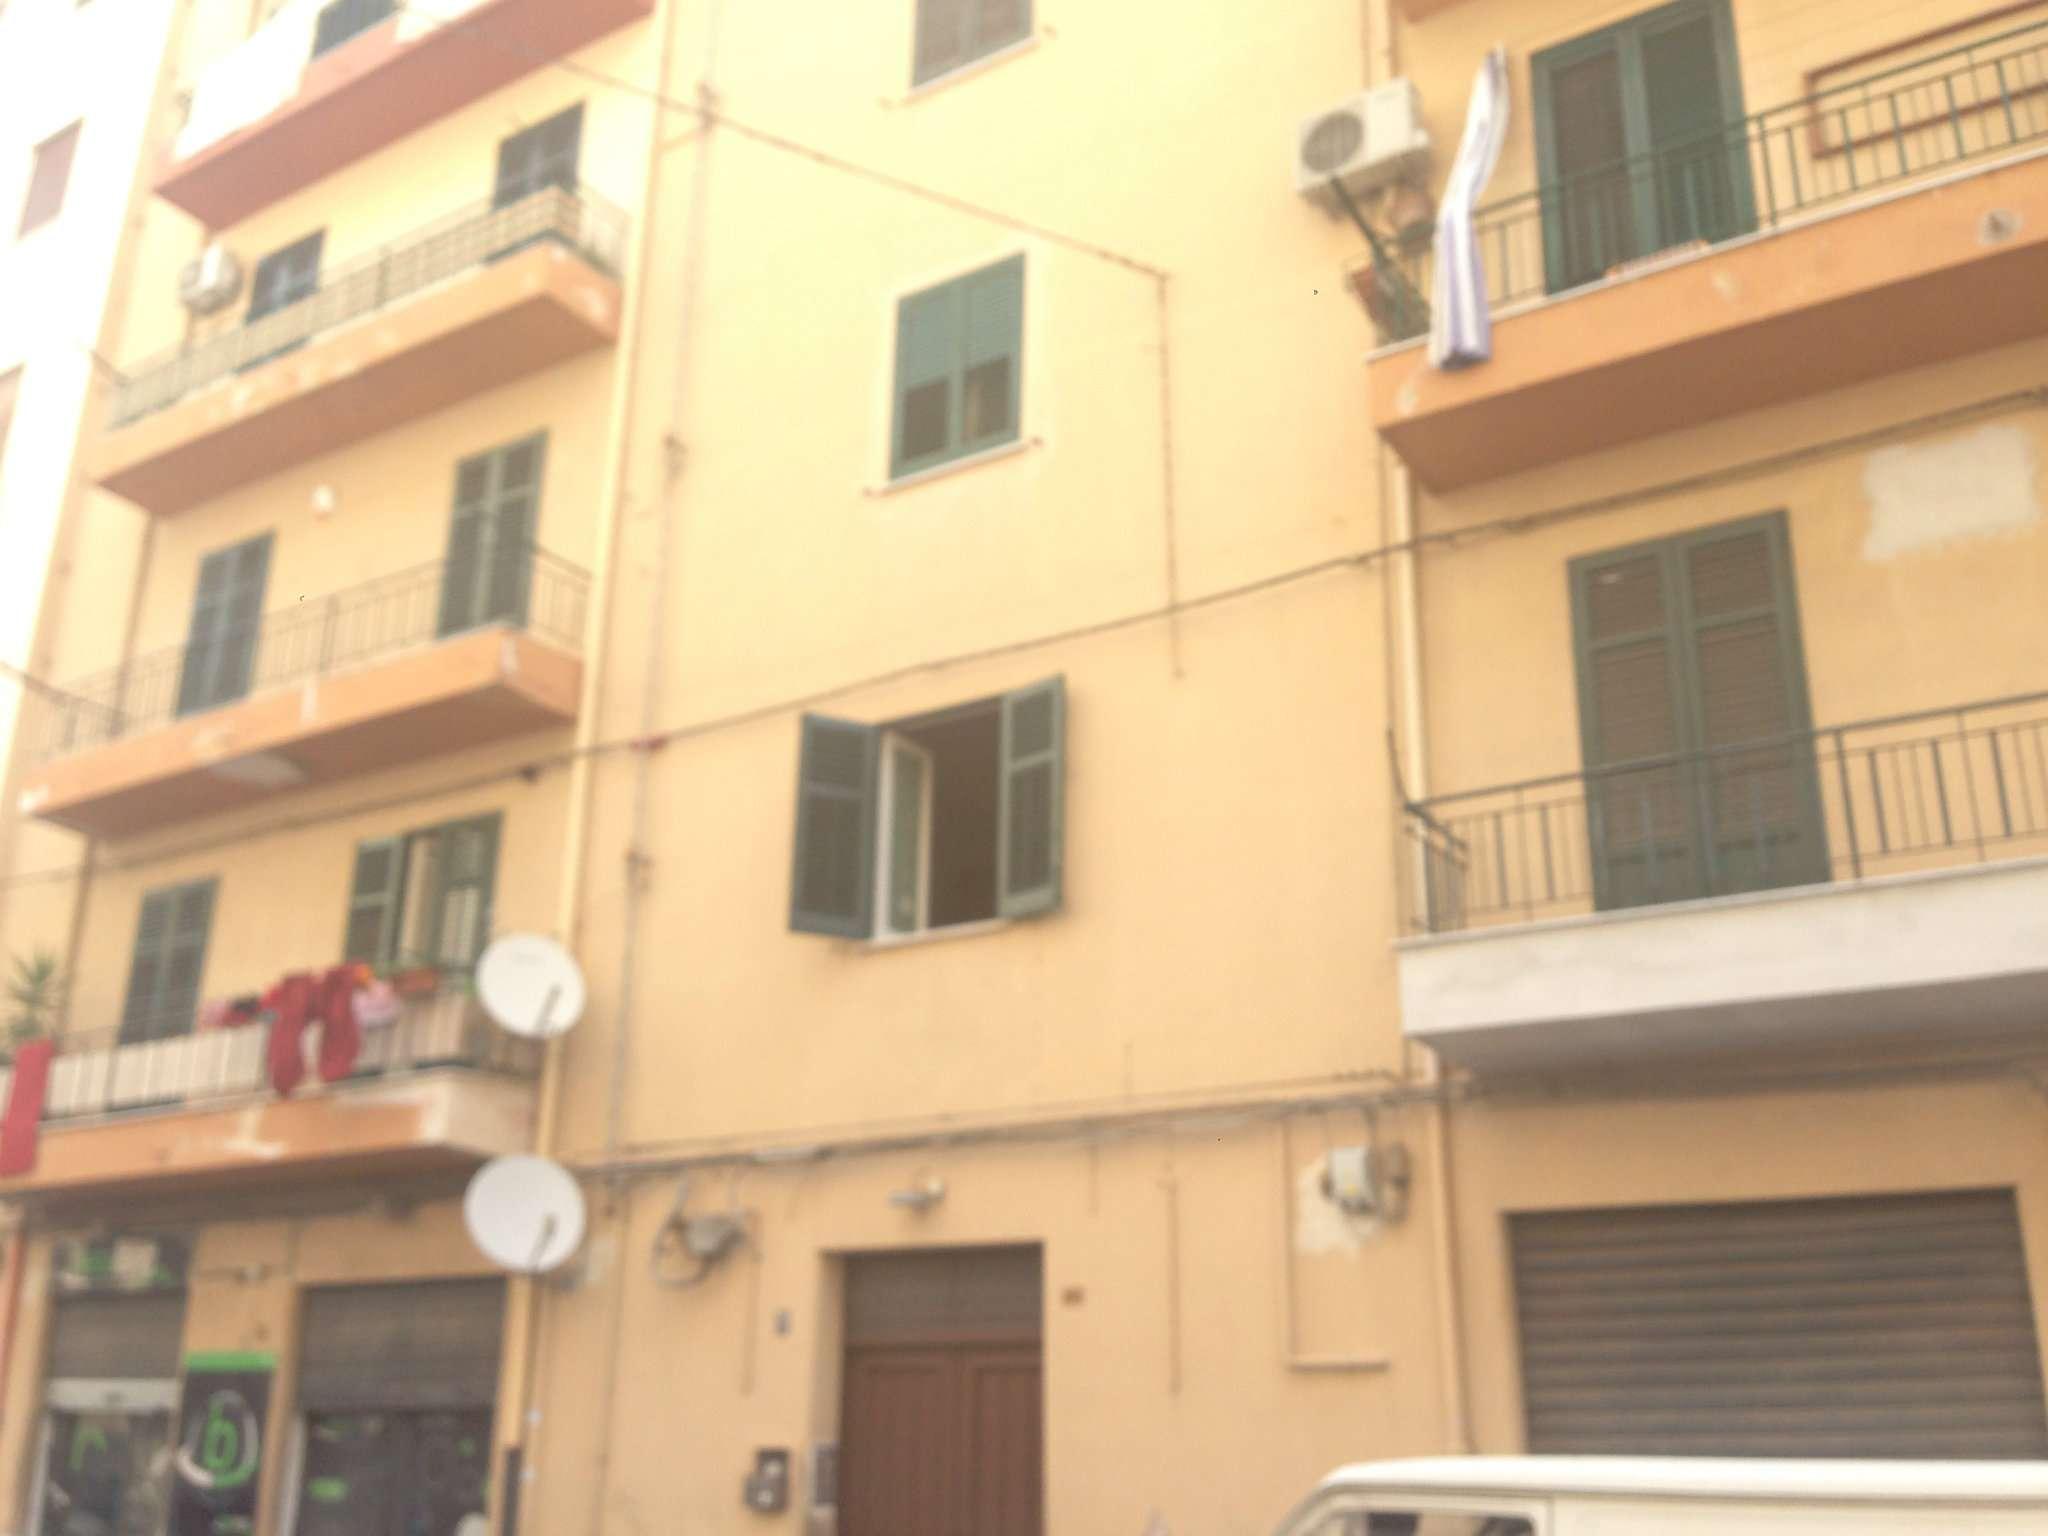 Appartamento in Vendita a Palermo: 2 locali, 60 mq